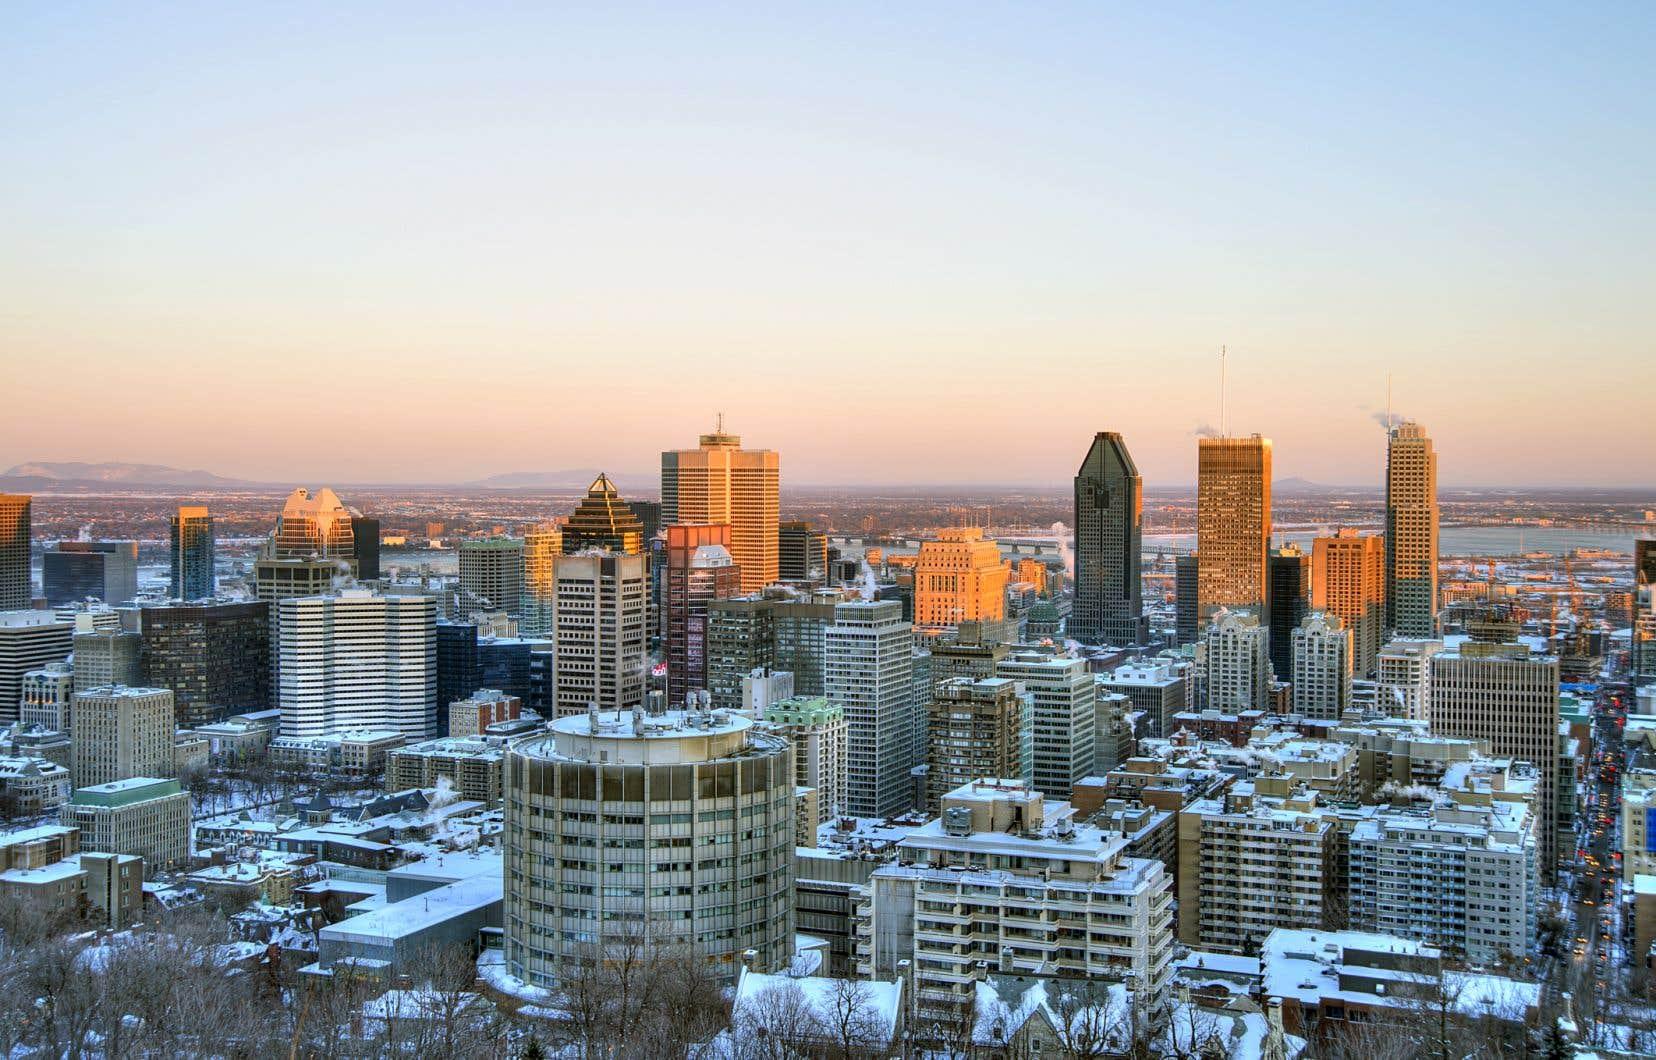 Montréal écrit que «l'illustration appartient à la Ville», qui l'a commandée à une agence qui «travaille sur des projets hautement créatifs d'envergure internationale», qu'elle ne nomme pas.